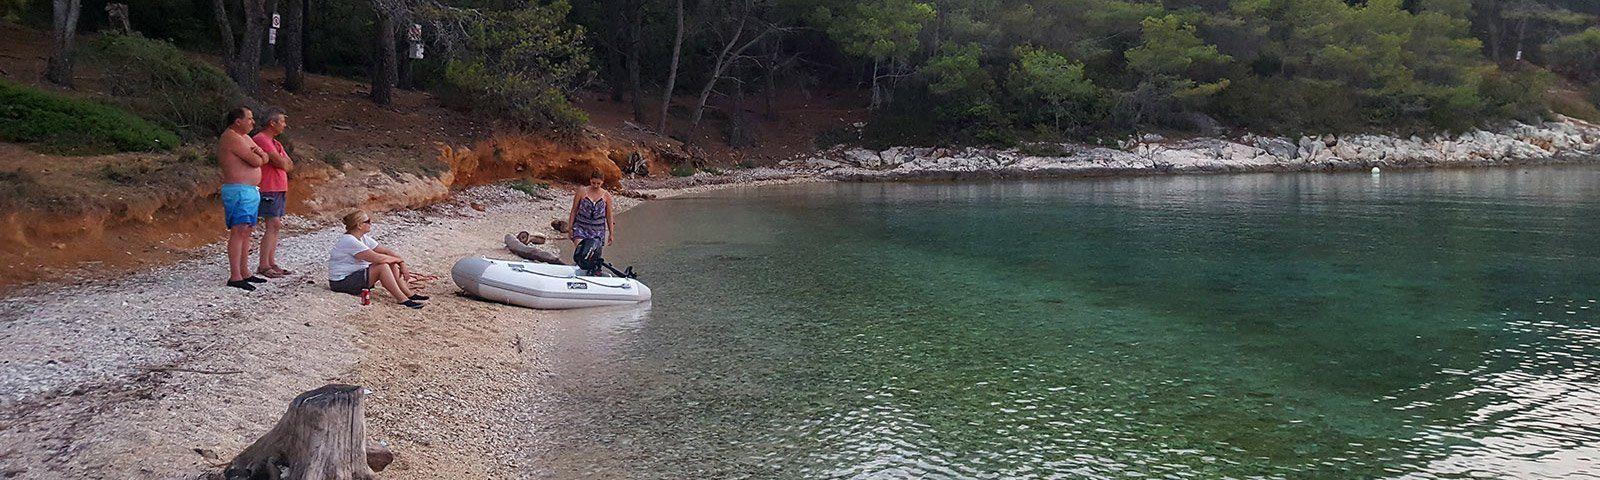 vacaciones-familia-velero-(5)